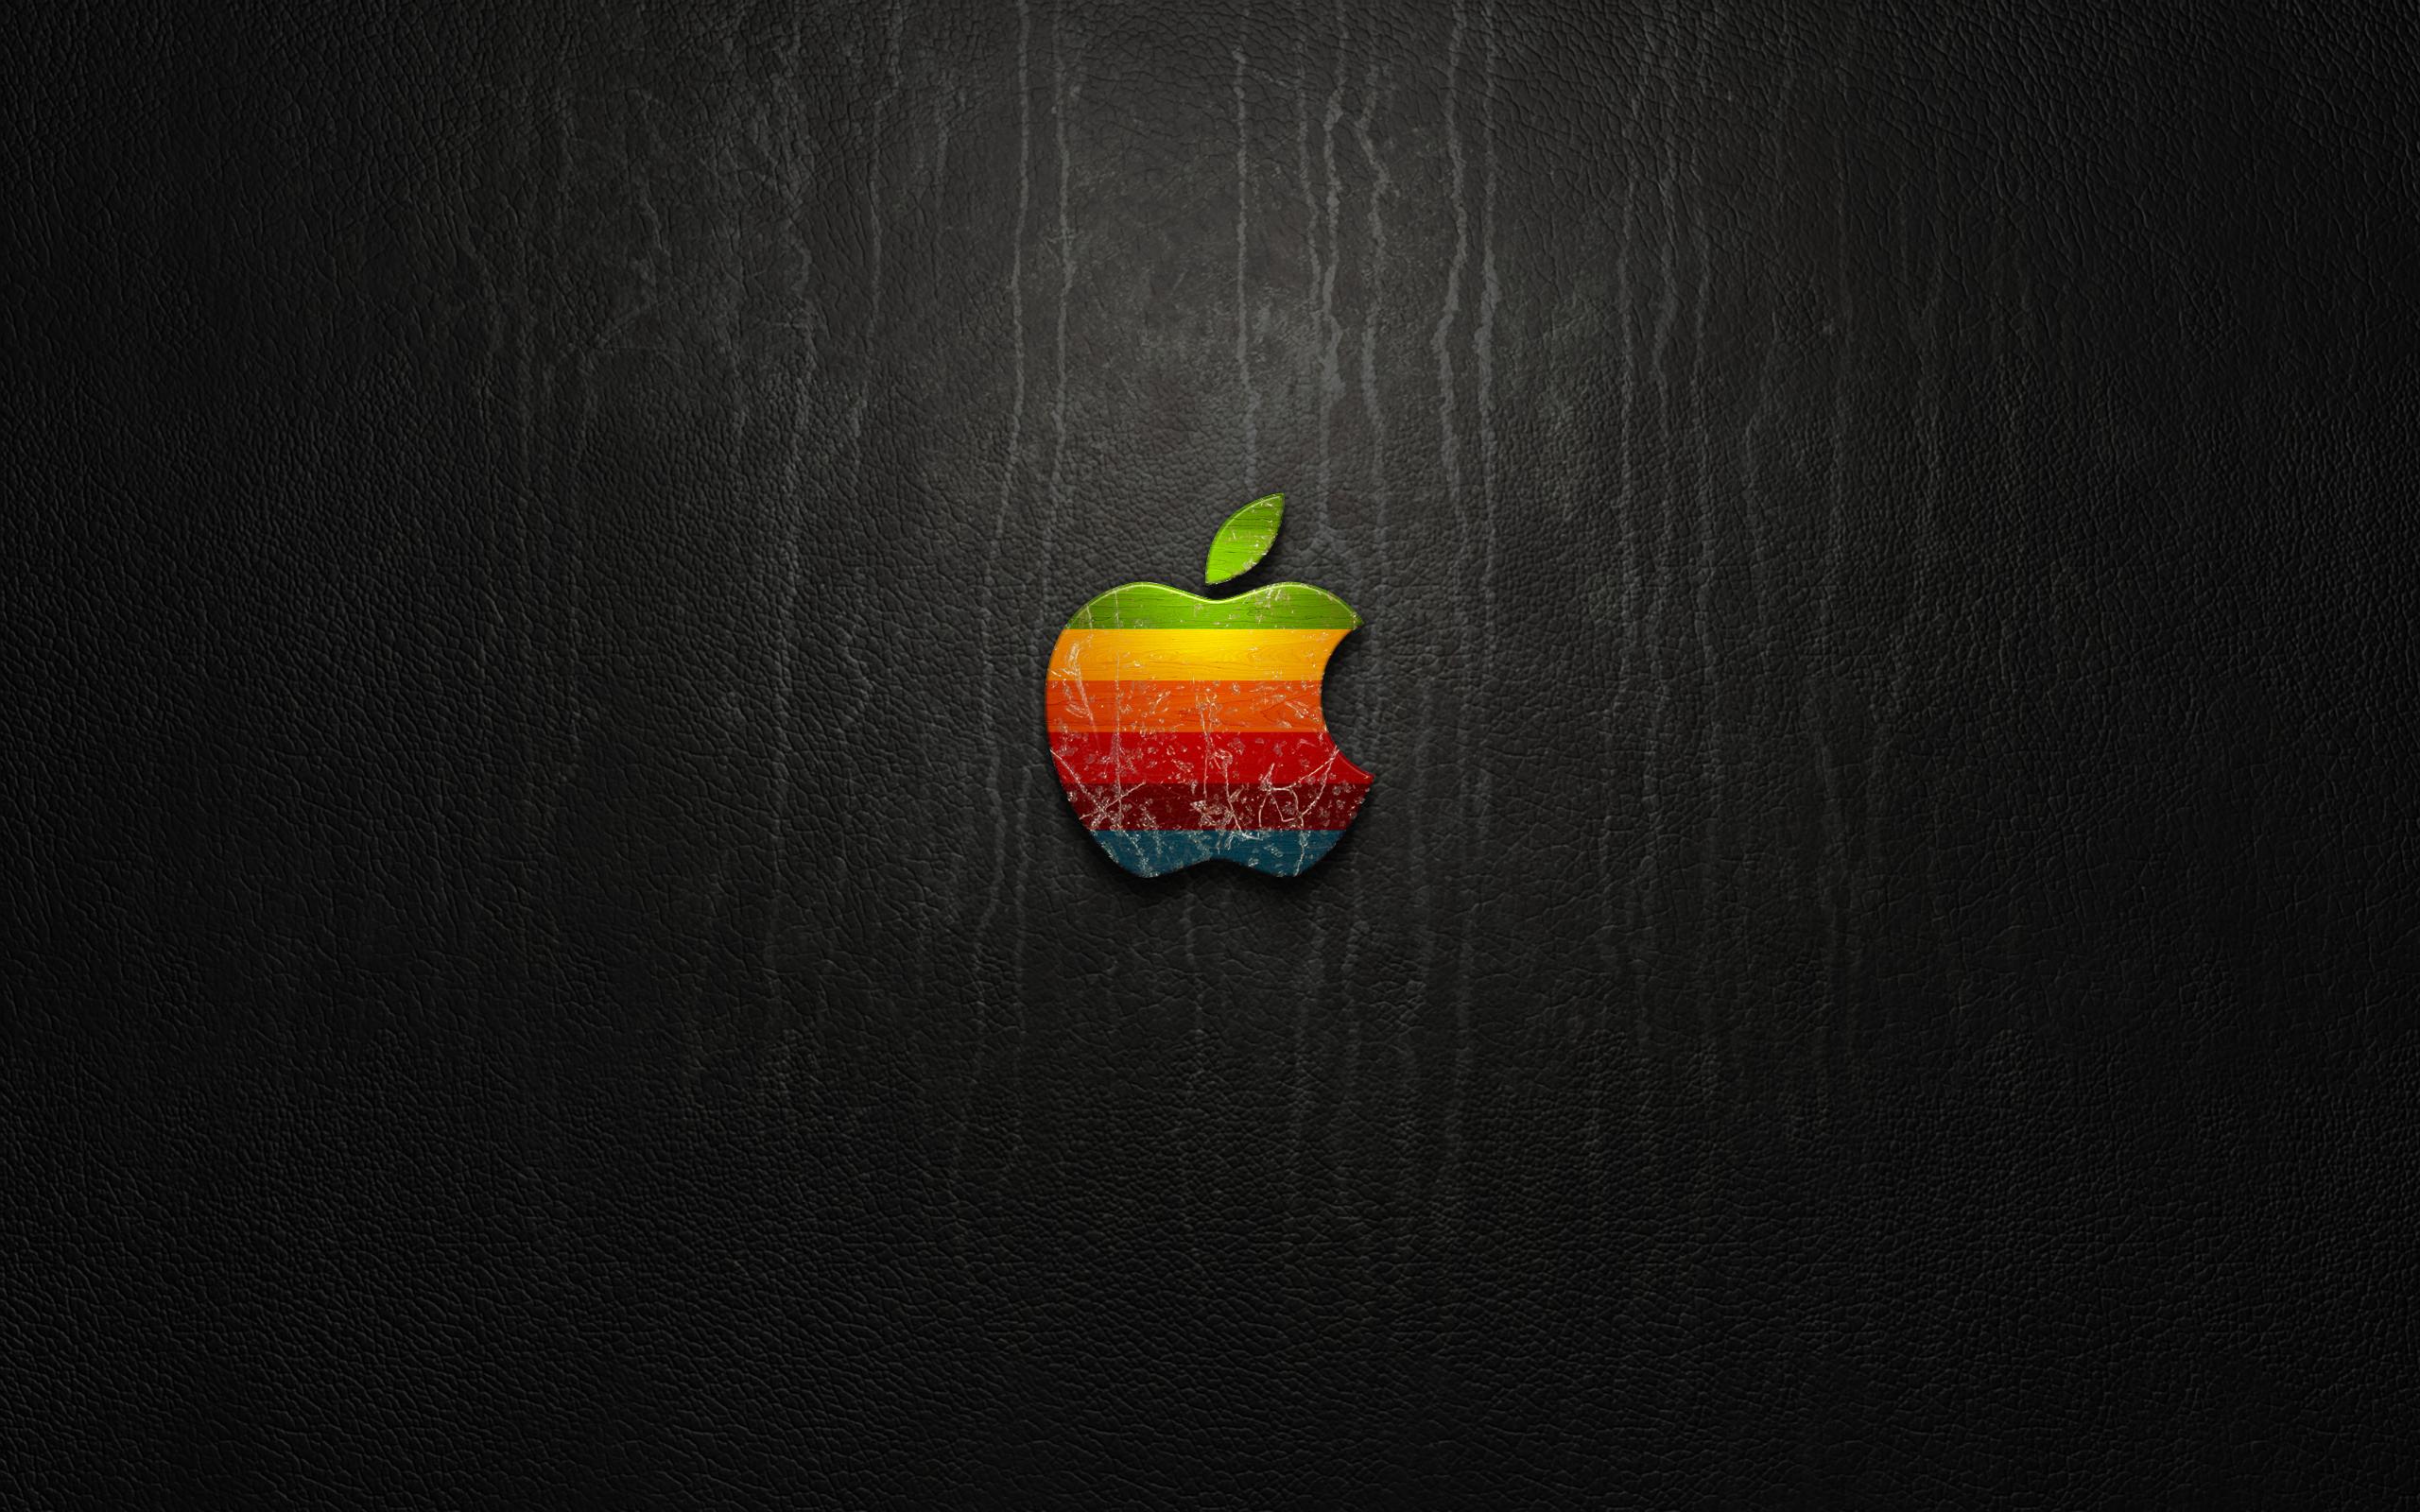 free mac wallpapers - wallpapersafari